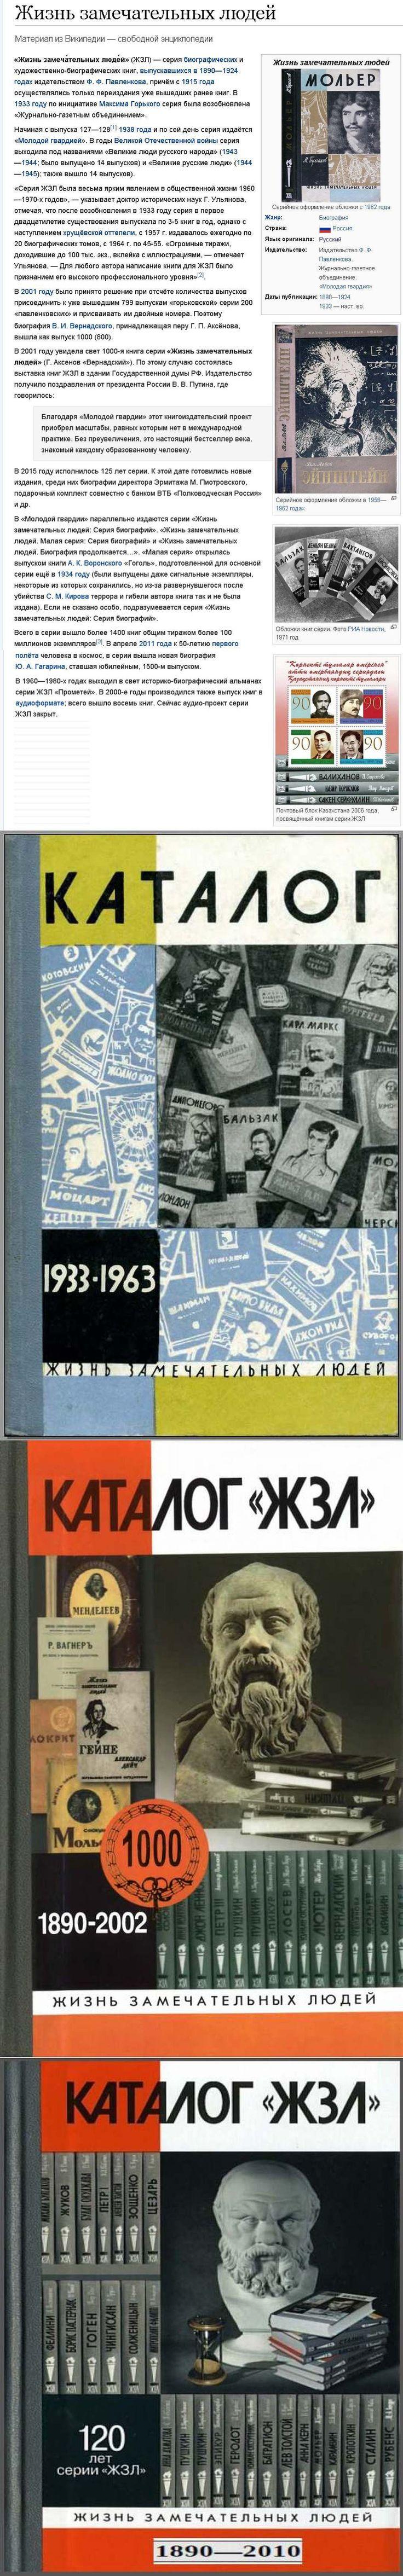 """Издание доступно в """"цифровом""""/электронном виде (св. 300 тт. из 1500 изданных, три каталога также в """"цифре"""")."""